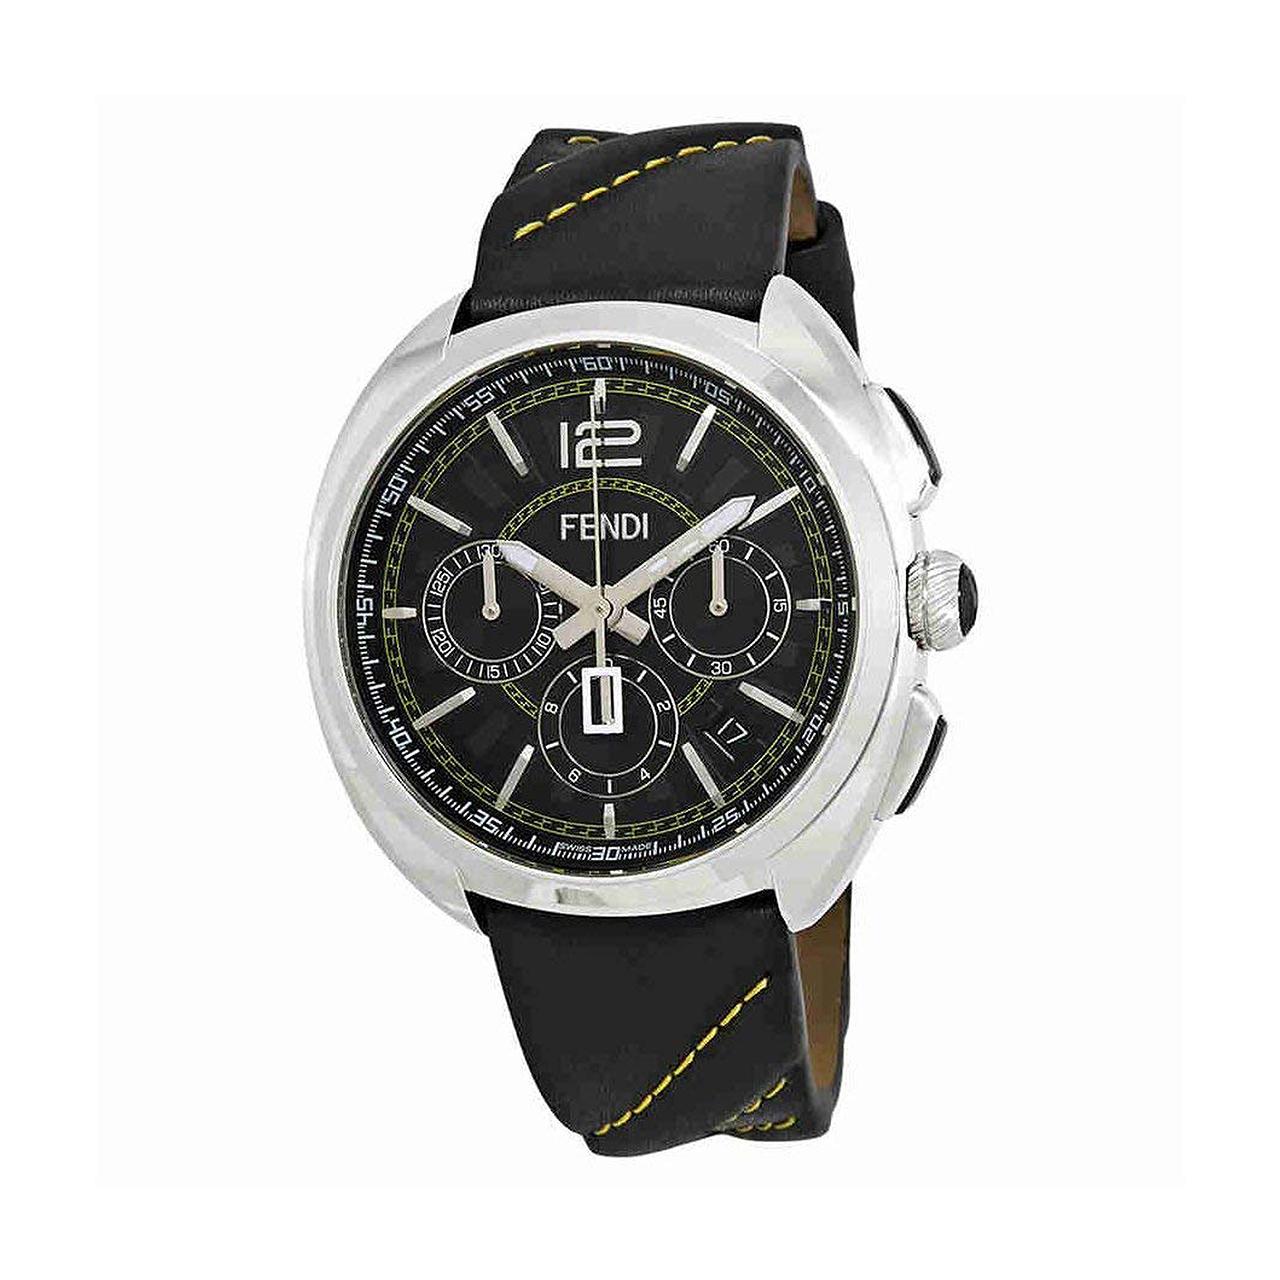 ساعت مچی عقربه ای مردانه فندی مدل F230011011